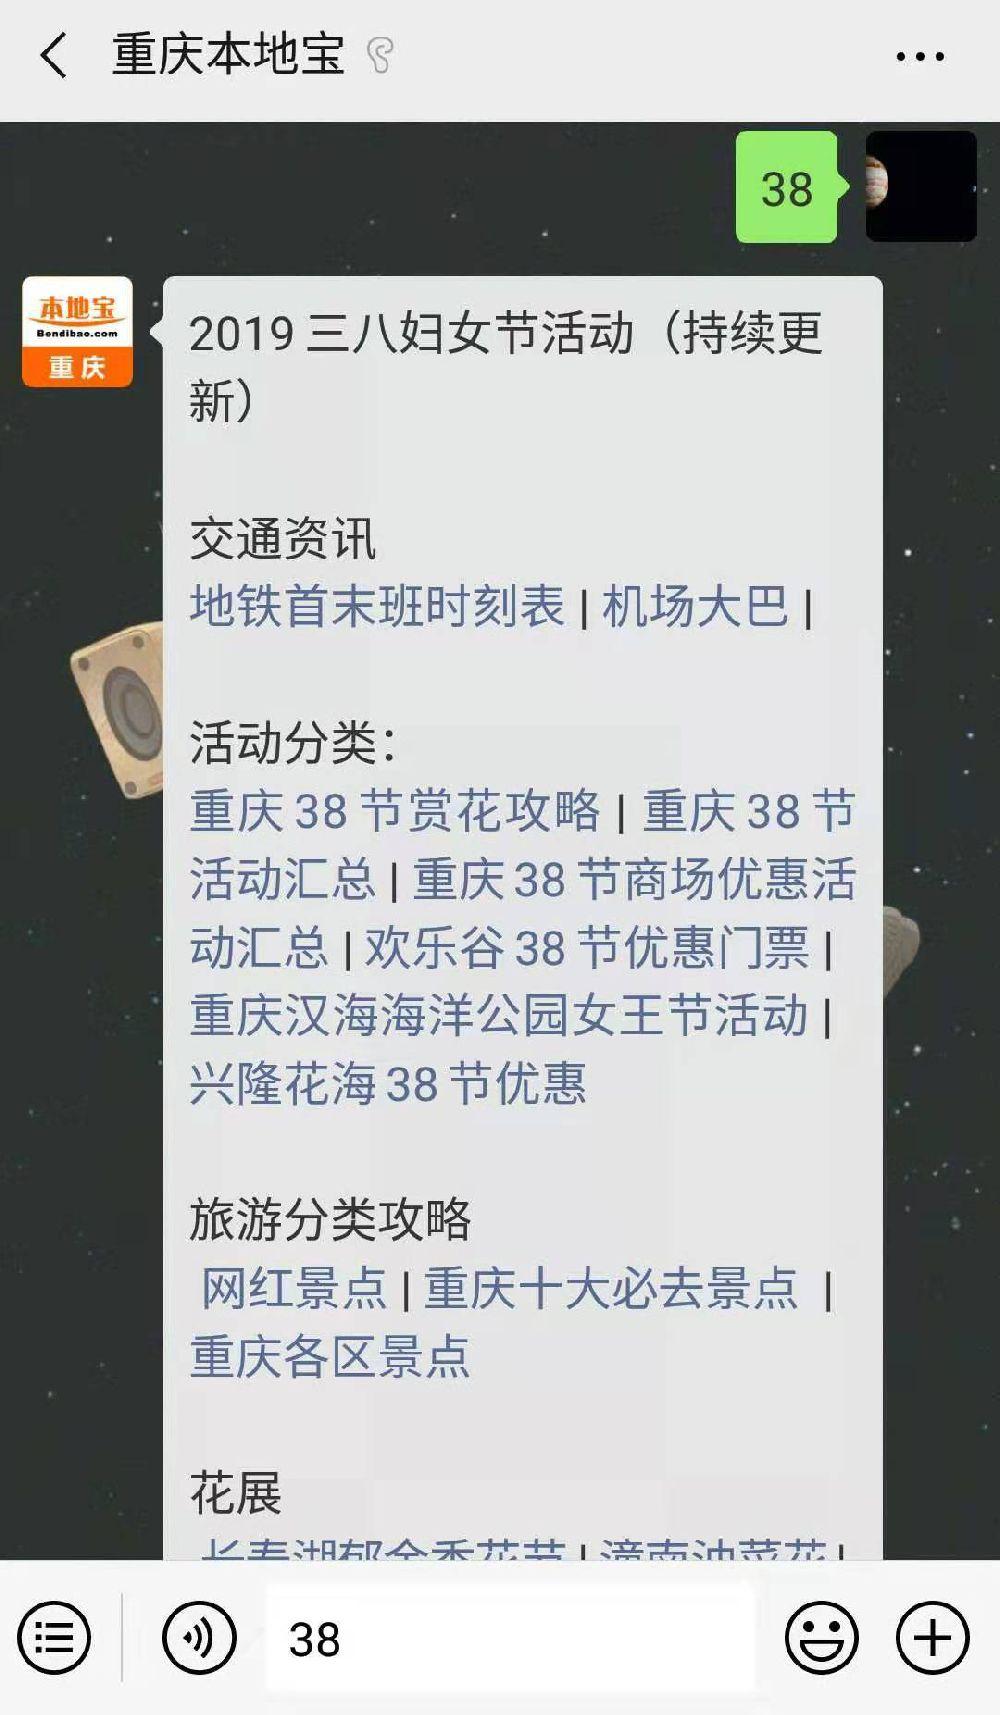 2019重庆38妇女节商场优惠活动汇总(持续更新)